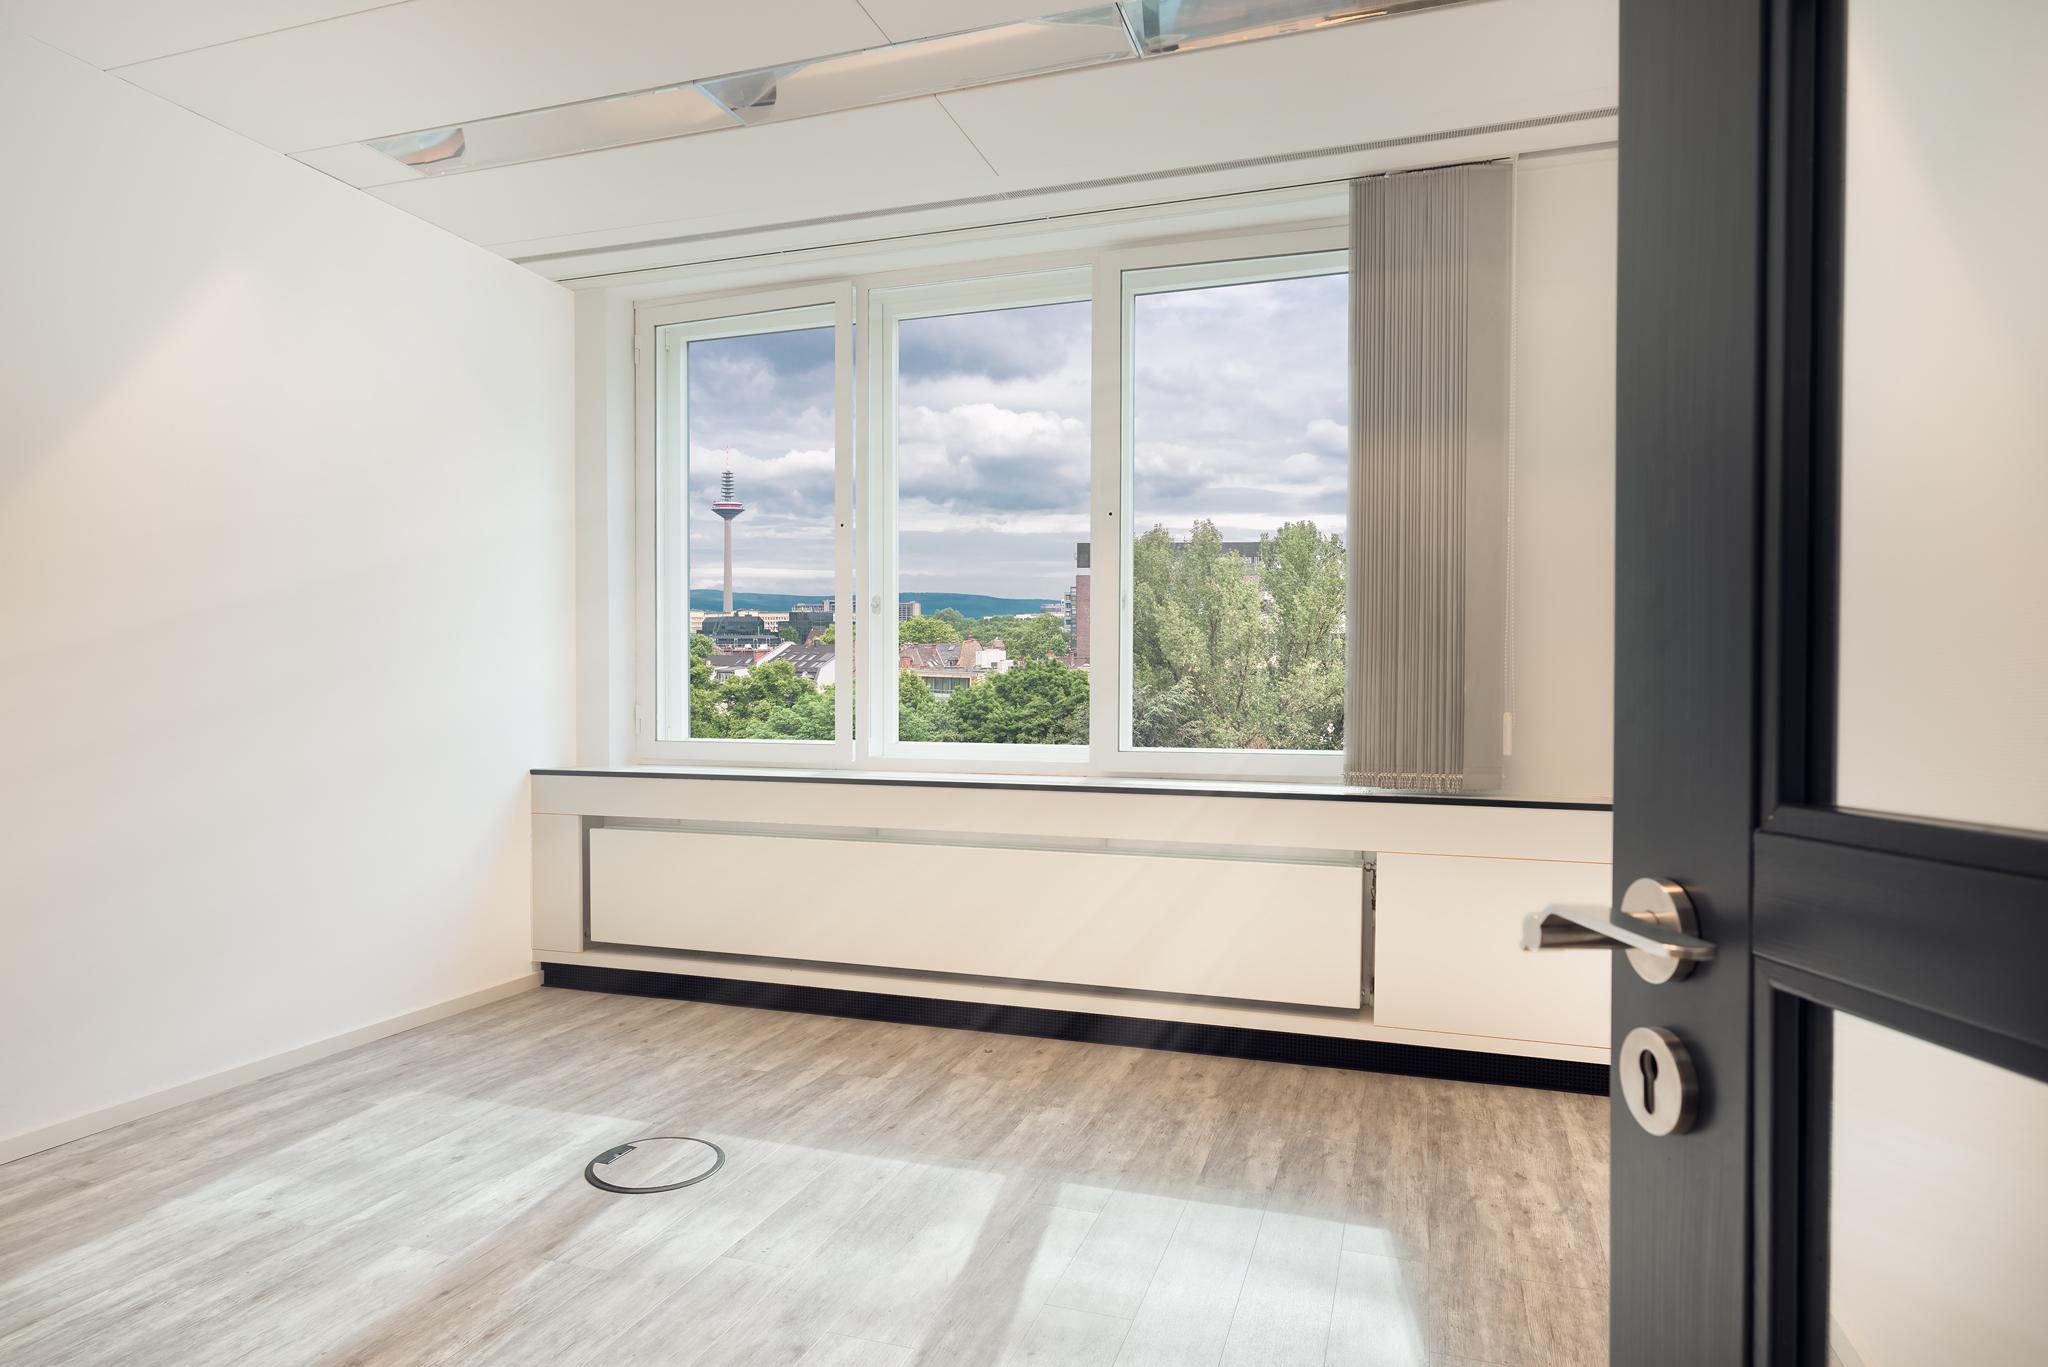 Aussicht aus Fenster, Büro Wohnung Kassel